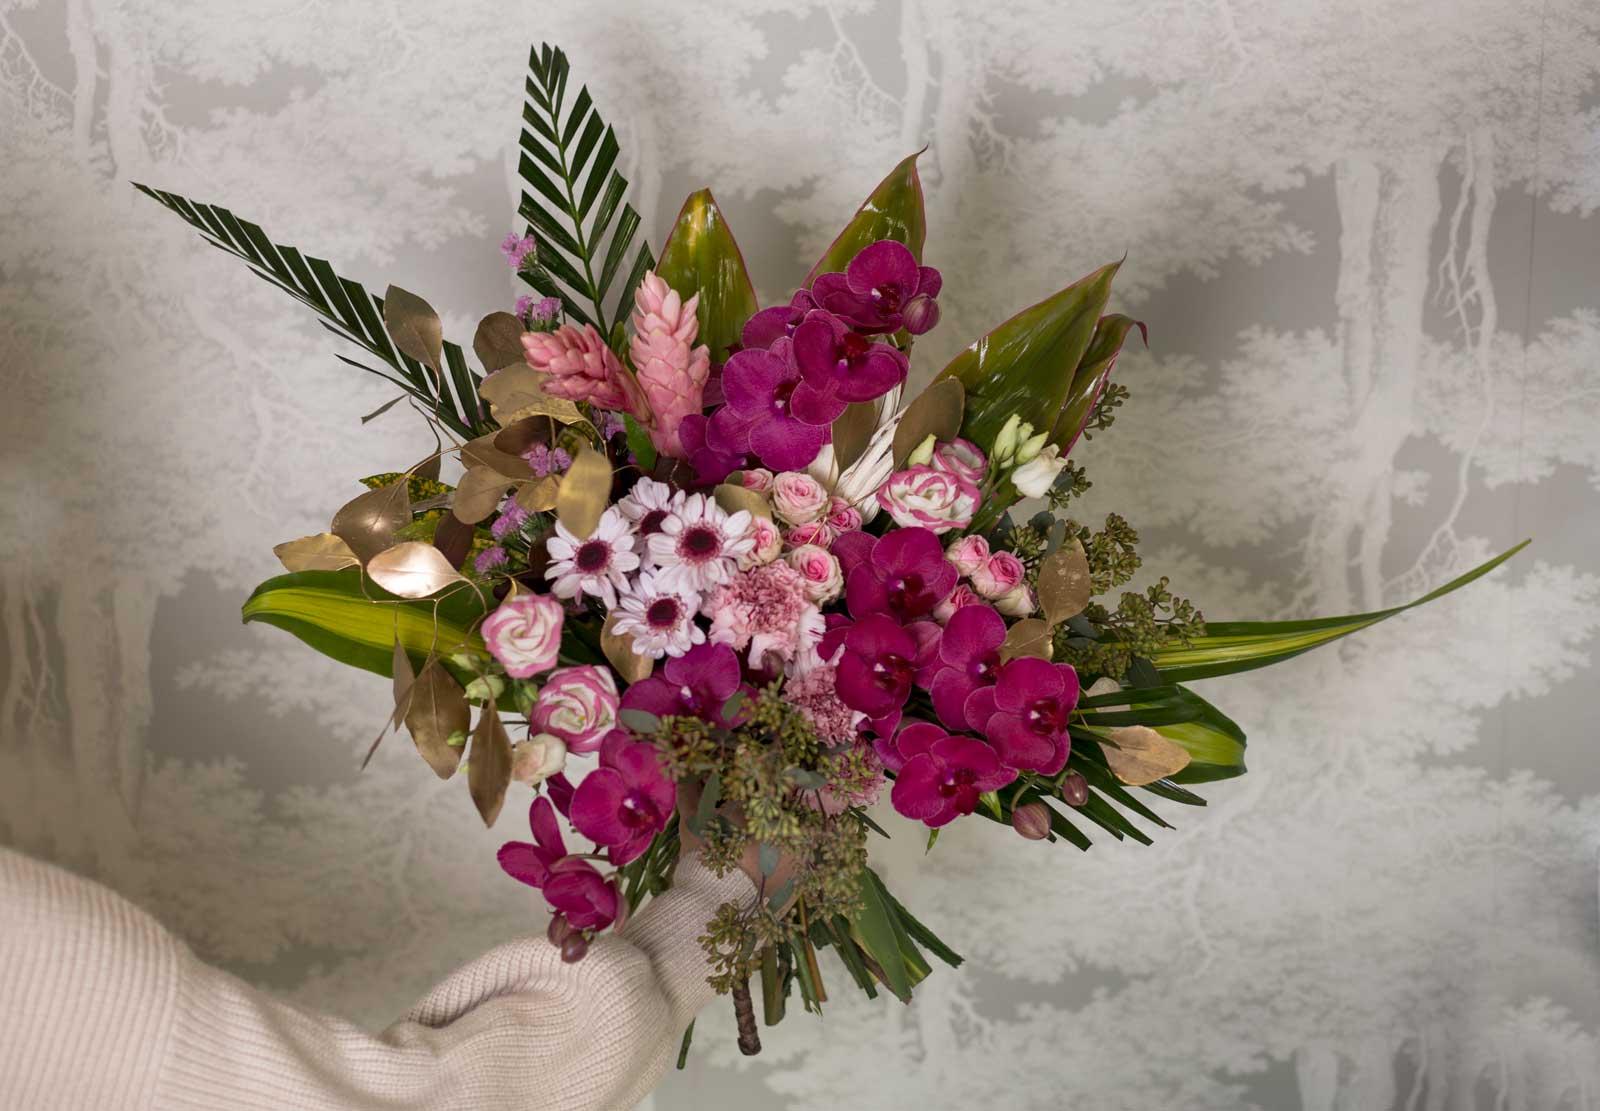 Trencadissa, servicios florales para empresas y comercios, cambia las flores cada semana